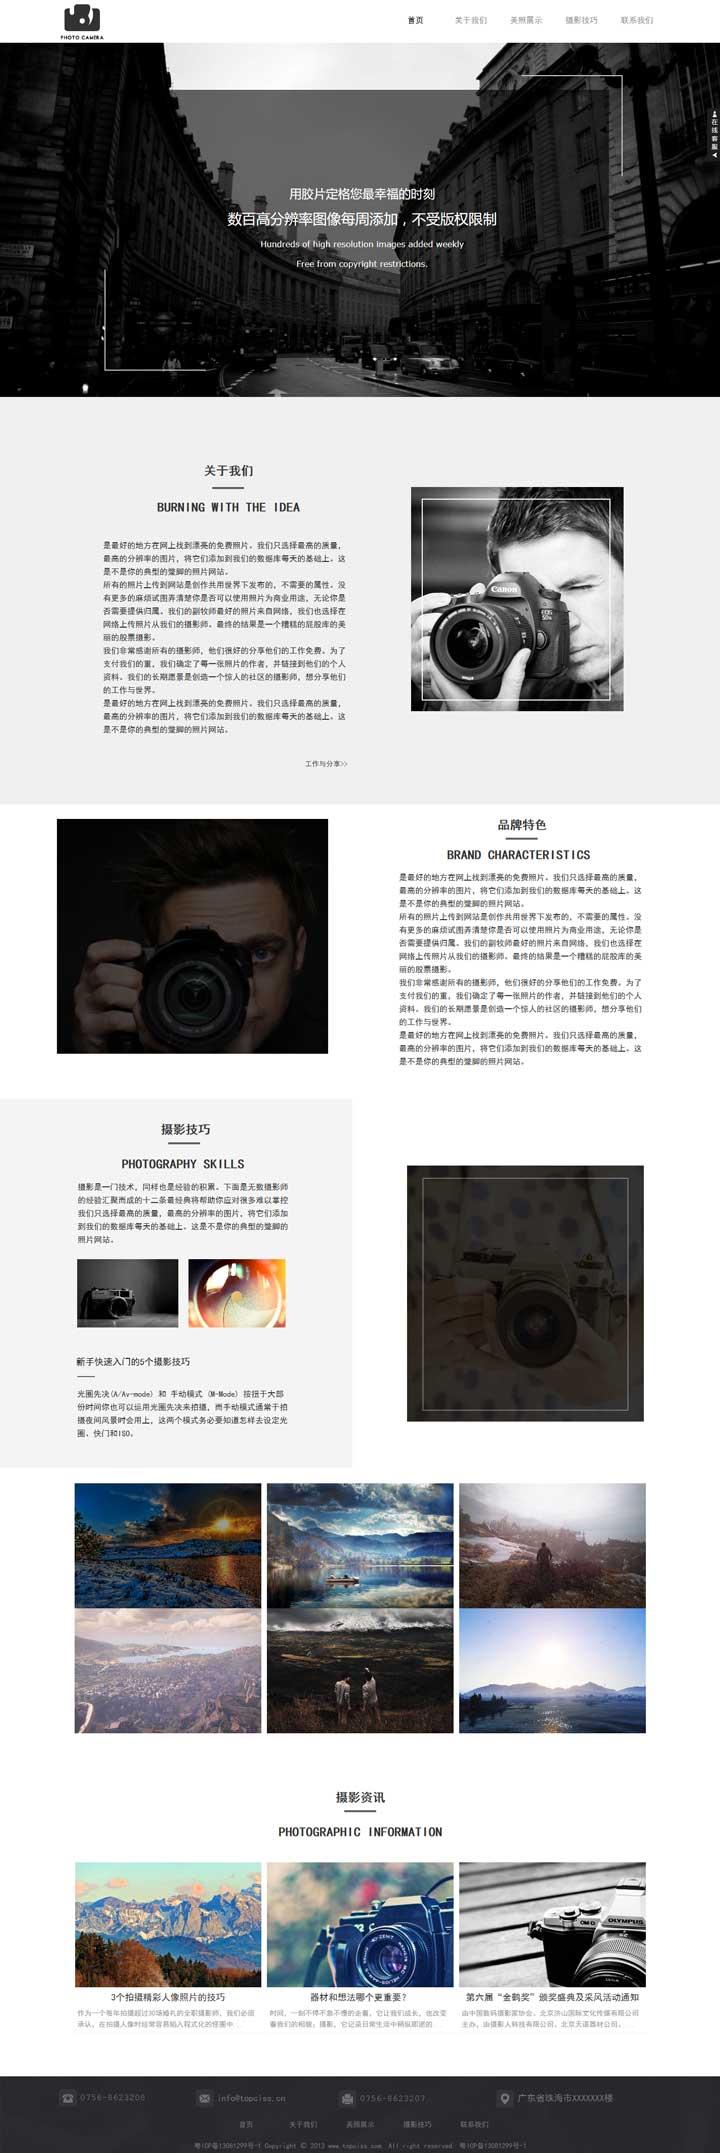 专业摄影展示型网站